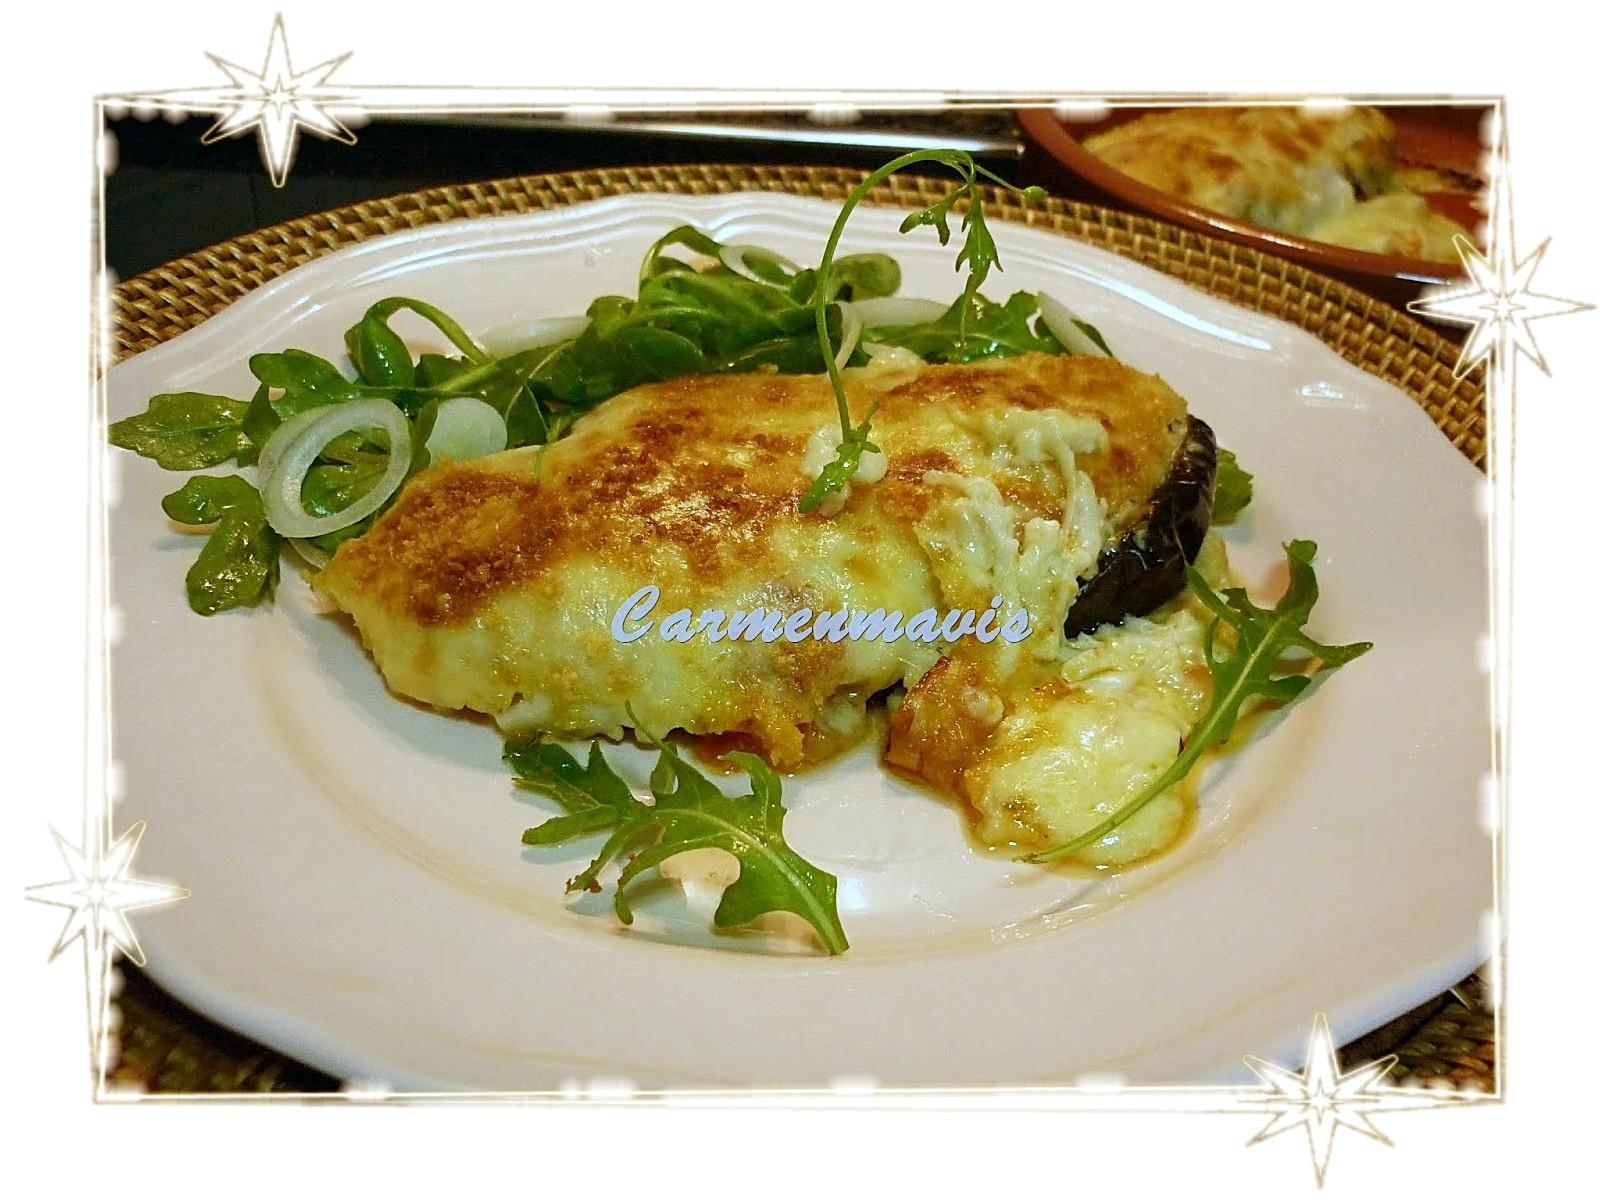 La cocina de carmenmavis berenjenas rellenas de bacalao y - Berenjenas rellenas de bacalao ...